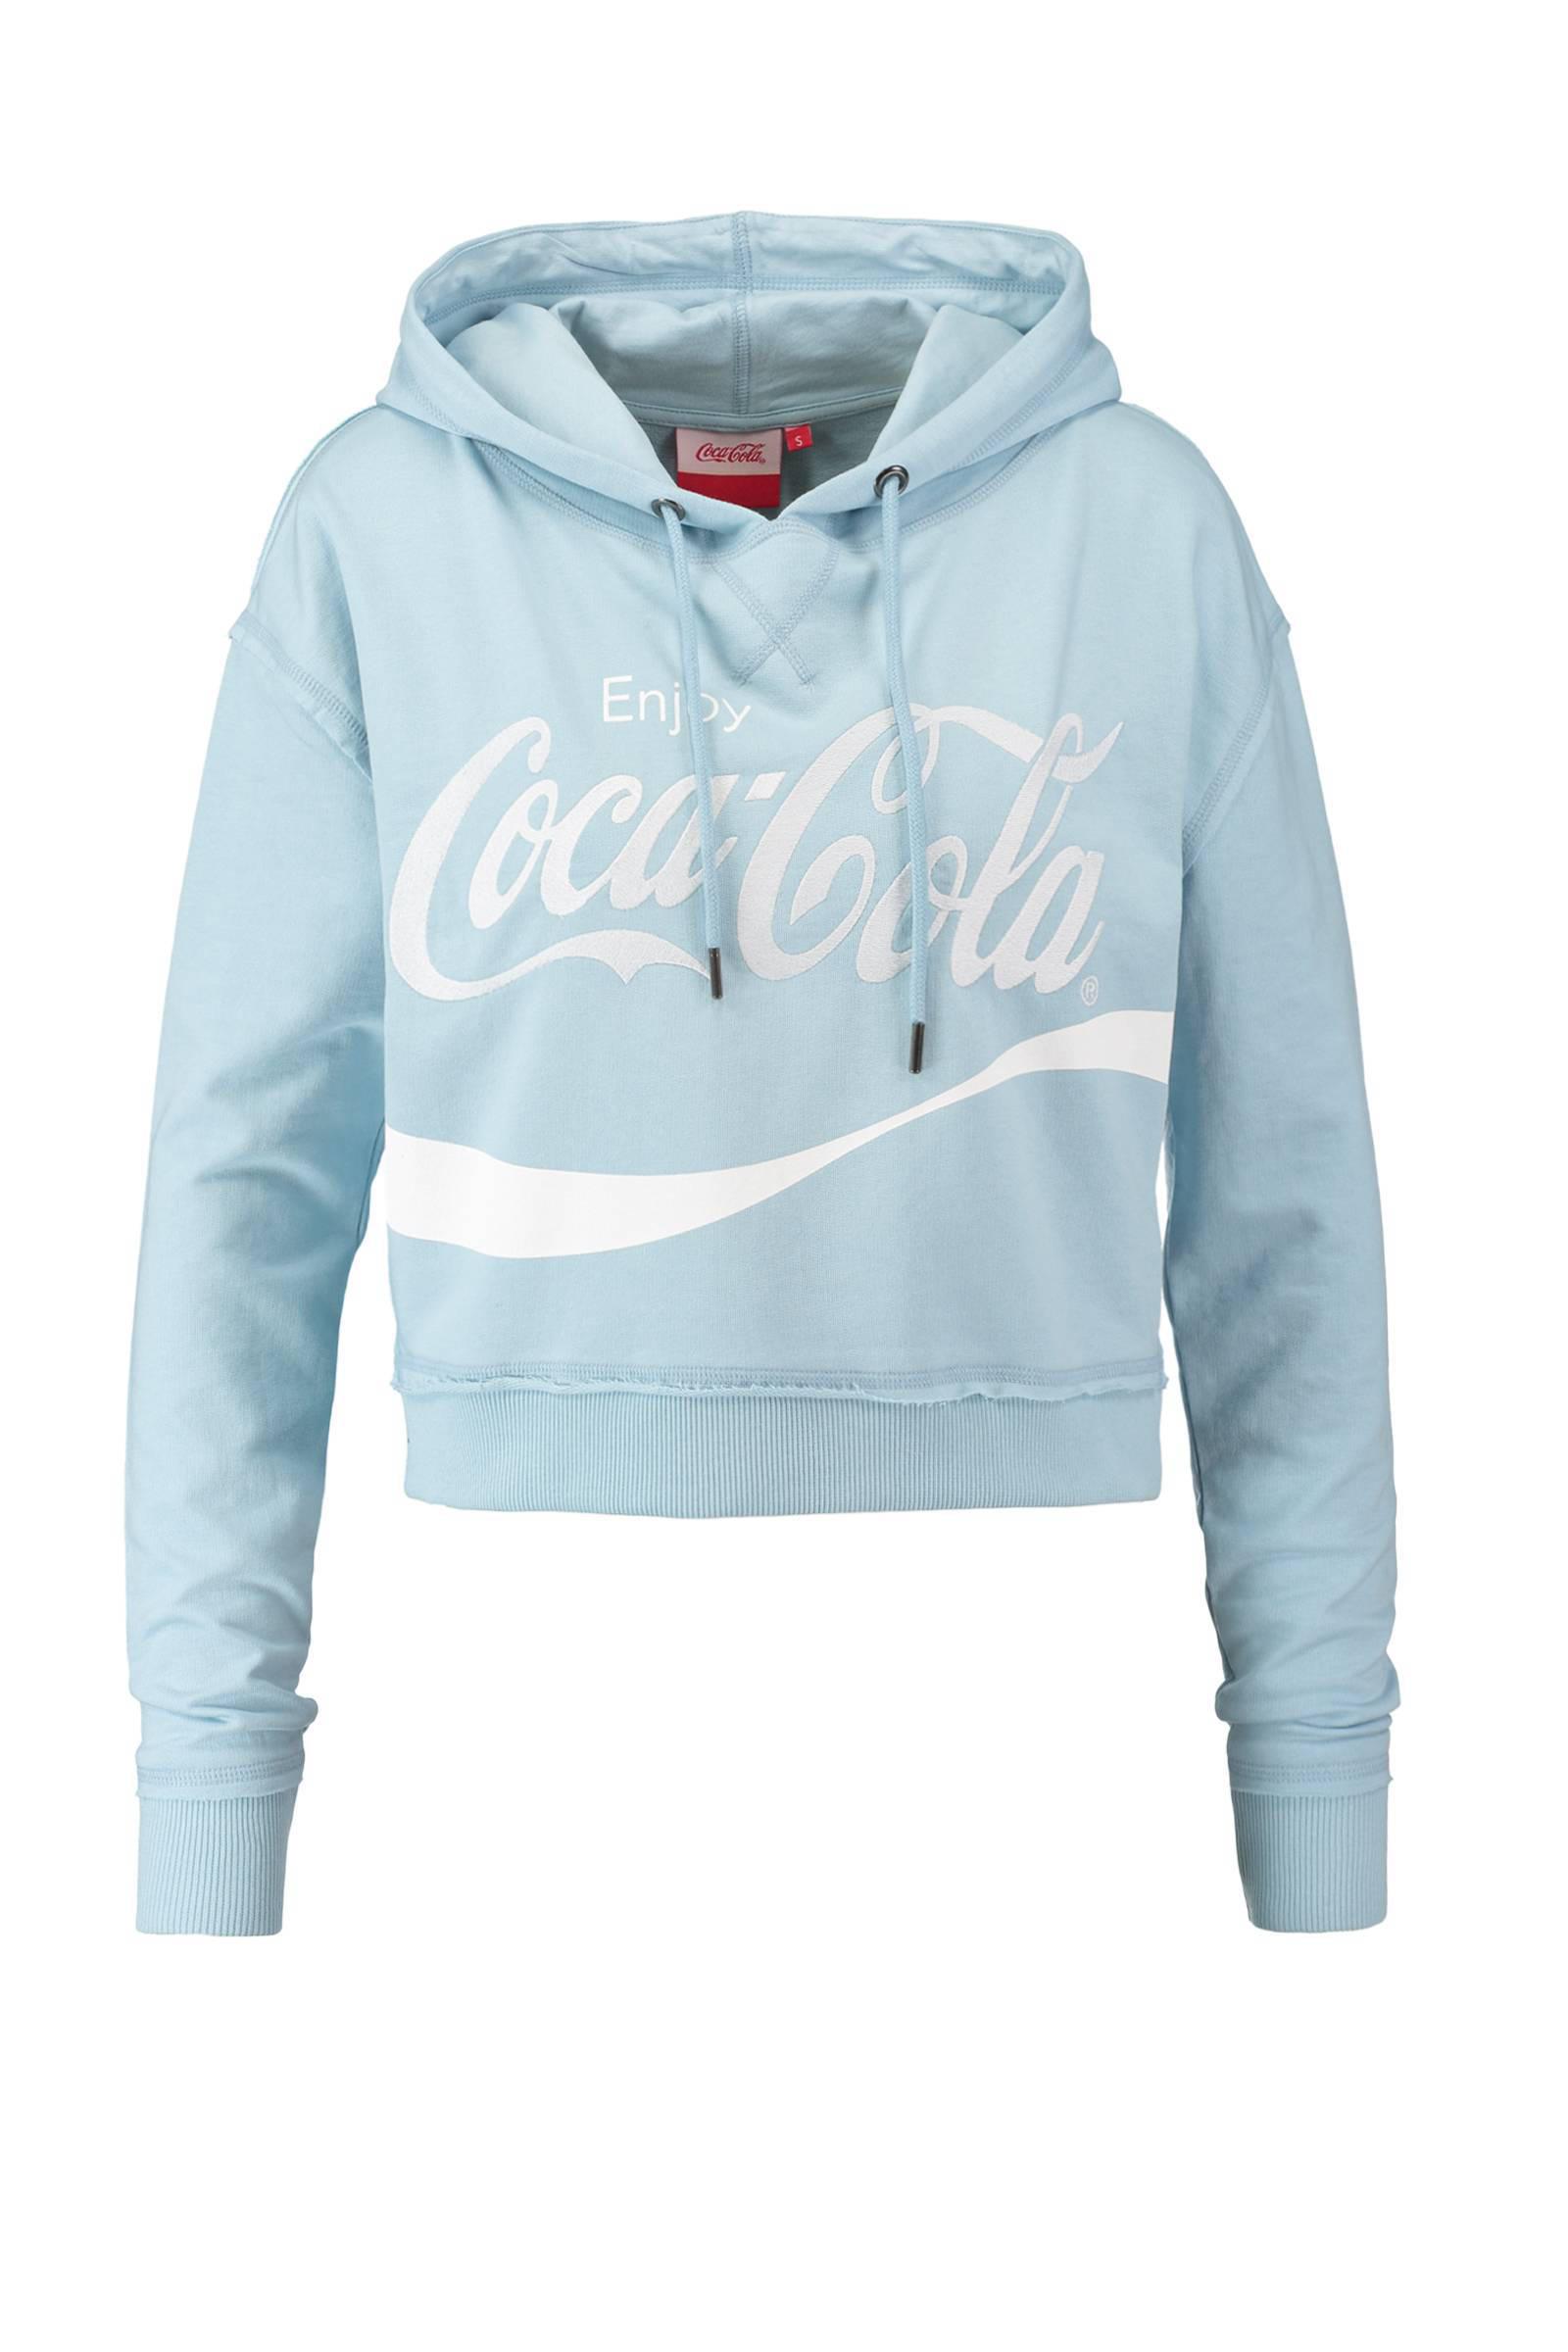 CoolCat Coca Cola hoodie wit | wehkamp